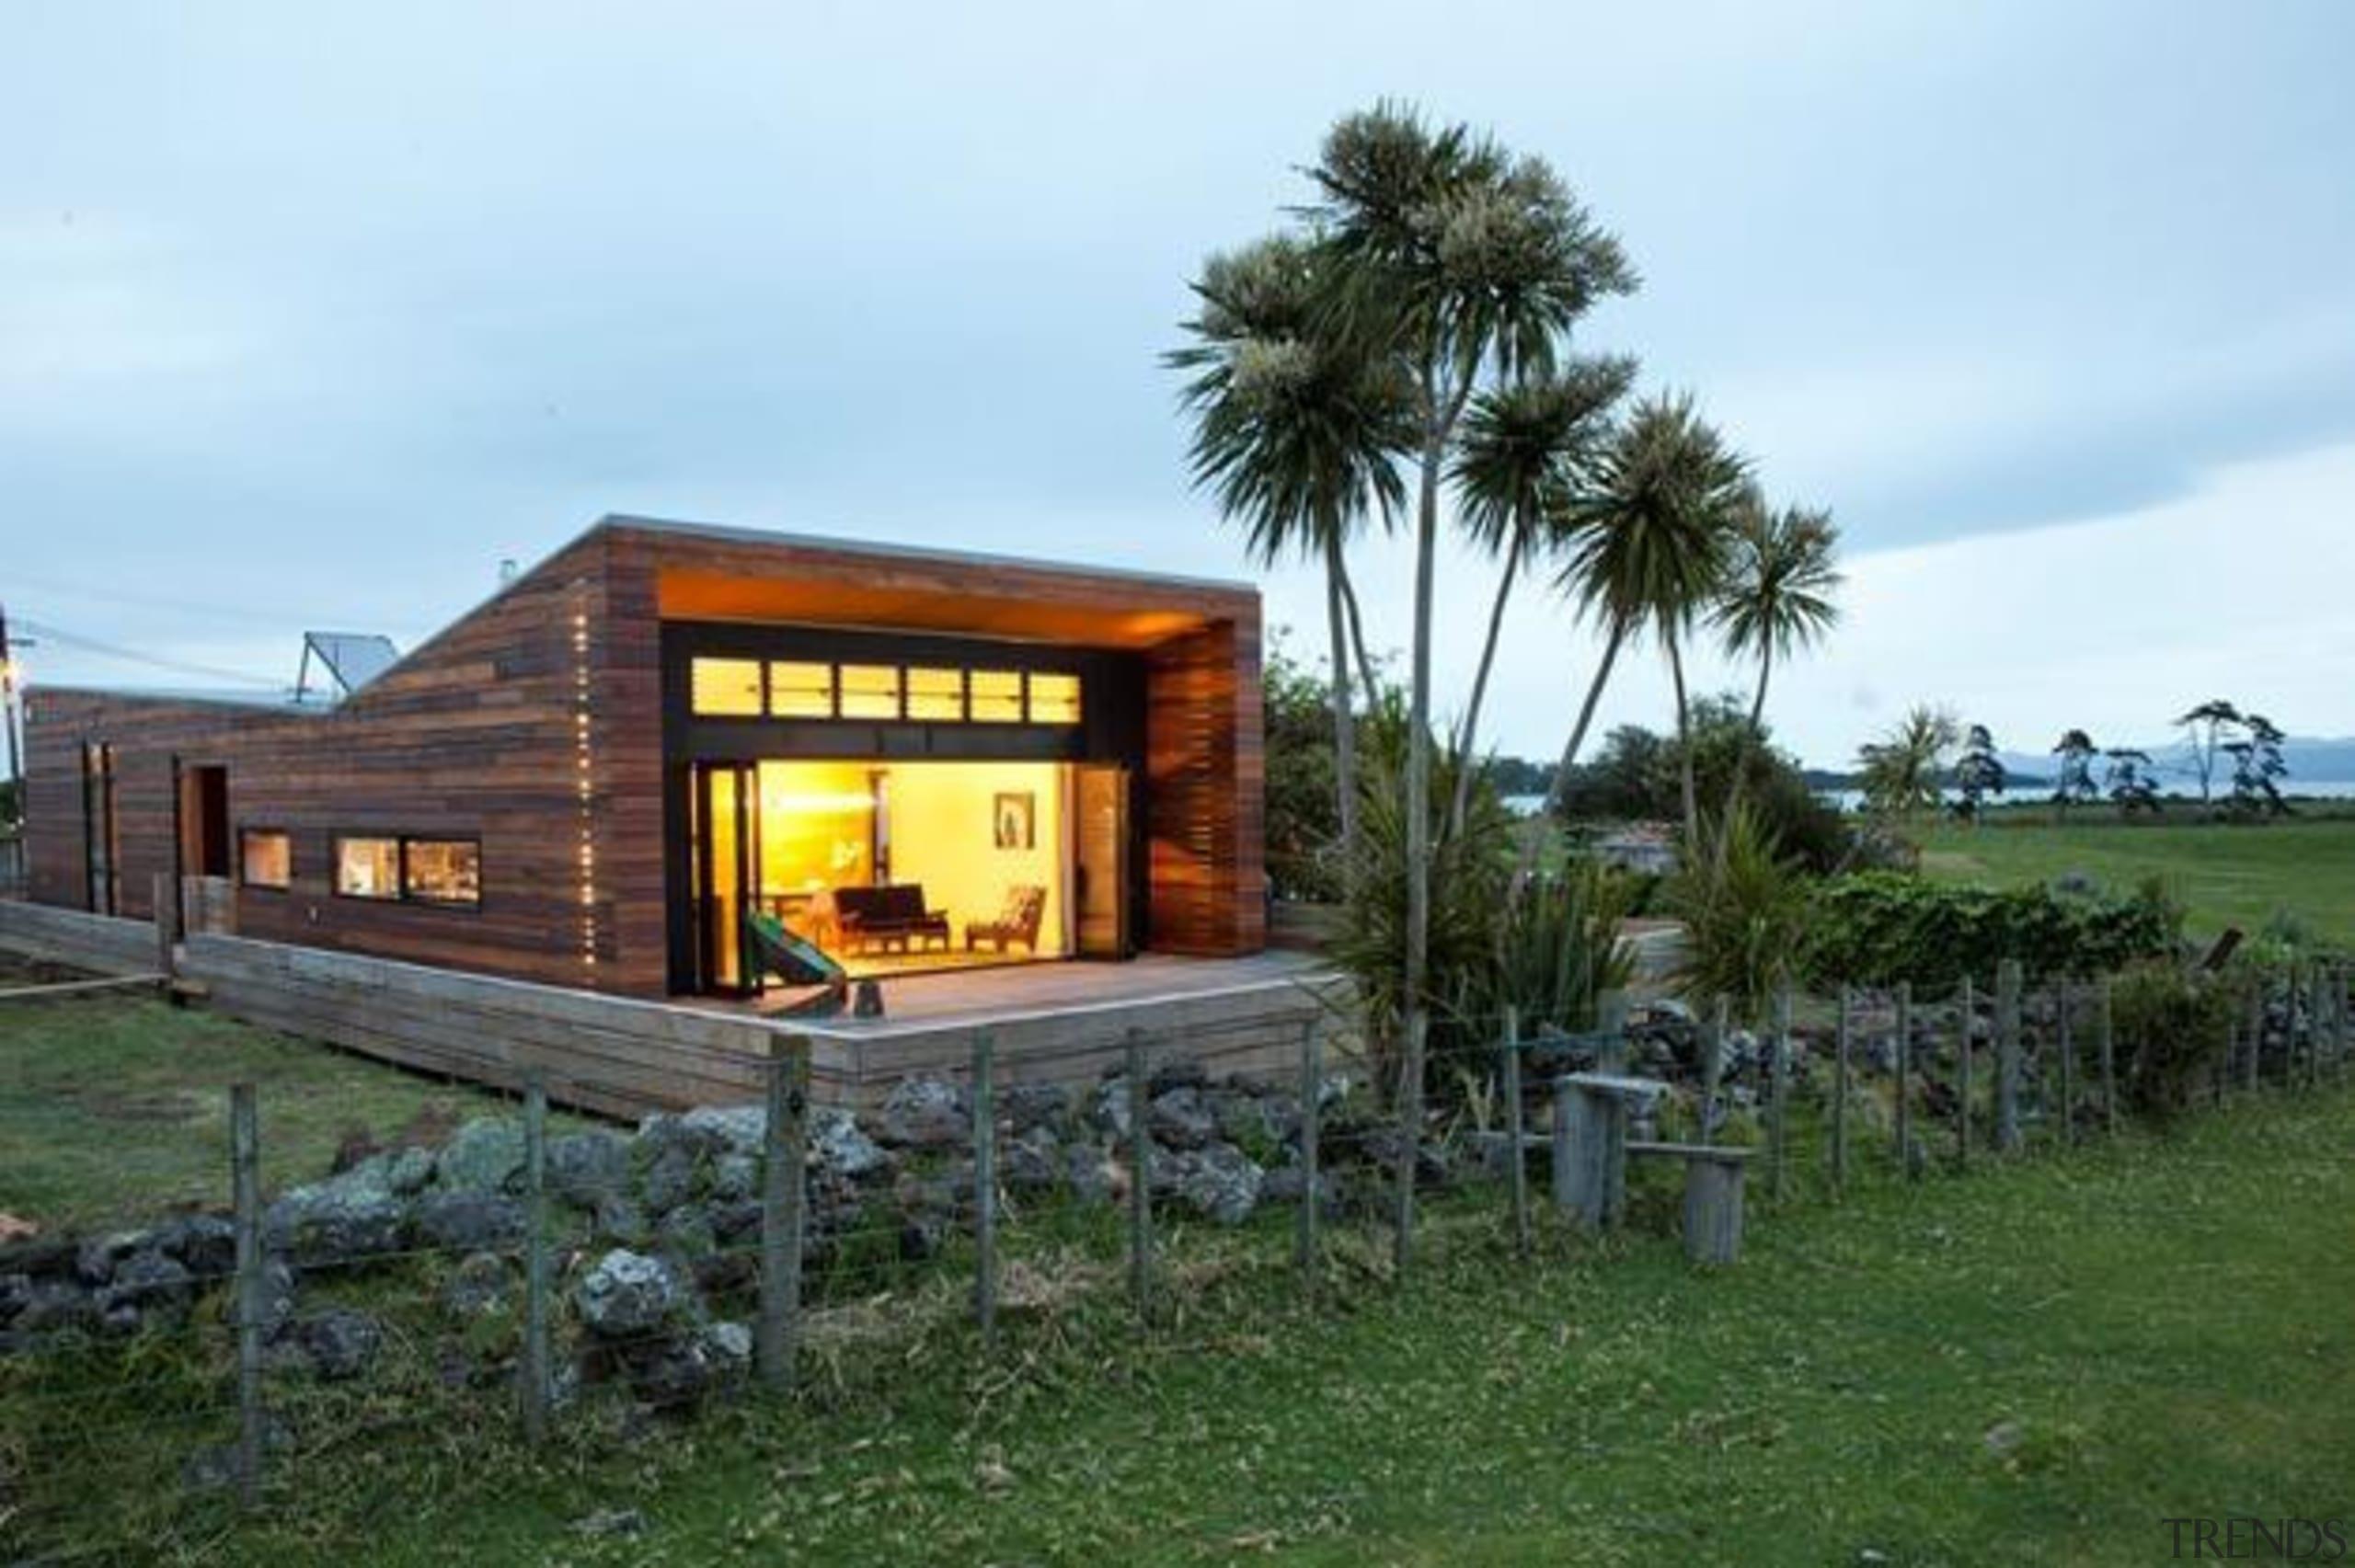 evening shot - evening shot - cottage   cottage, home, house, real estate, shed, teal